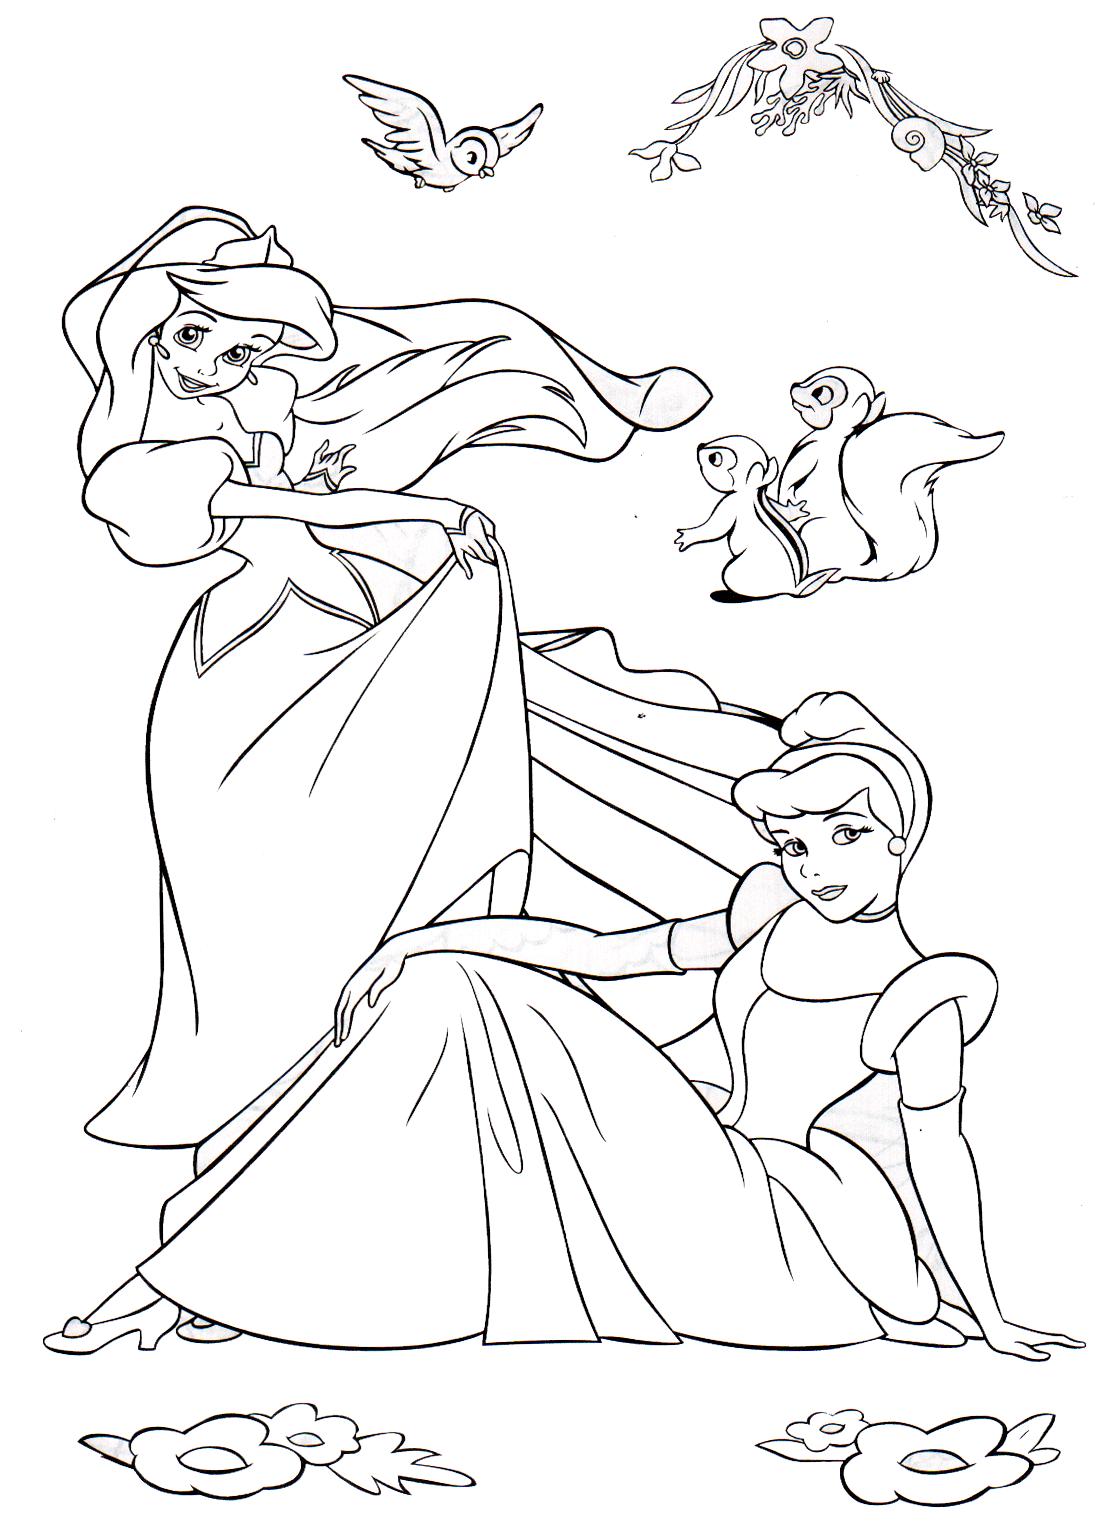 Dibujos Para Colorear Princesa Bebe Disney Paginas Para Colorear